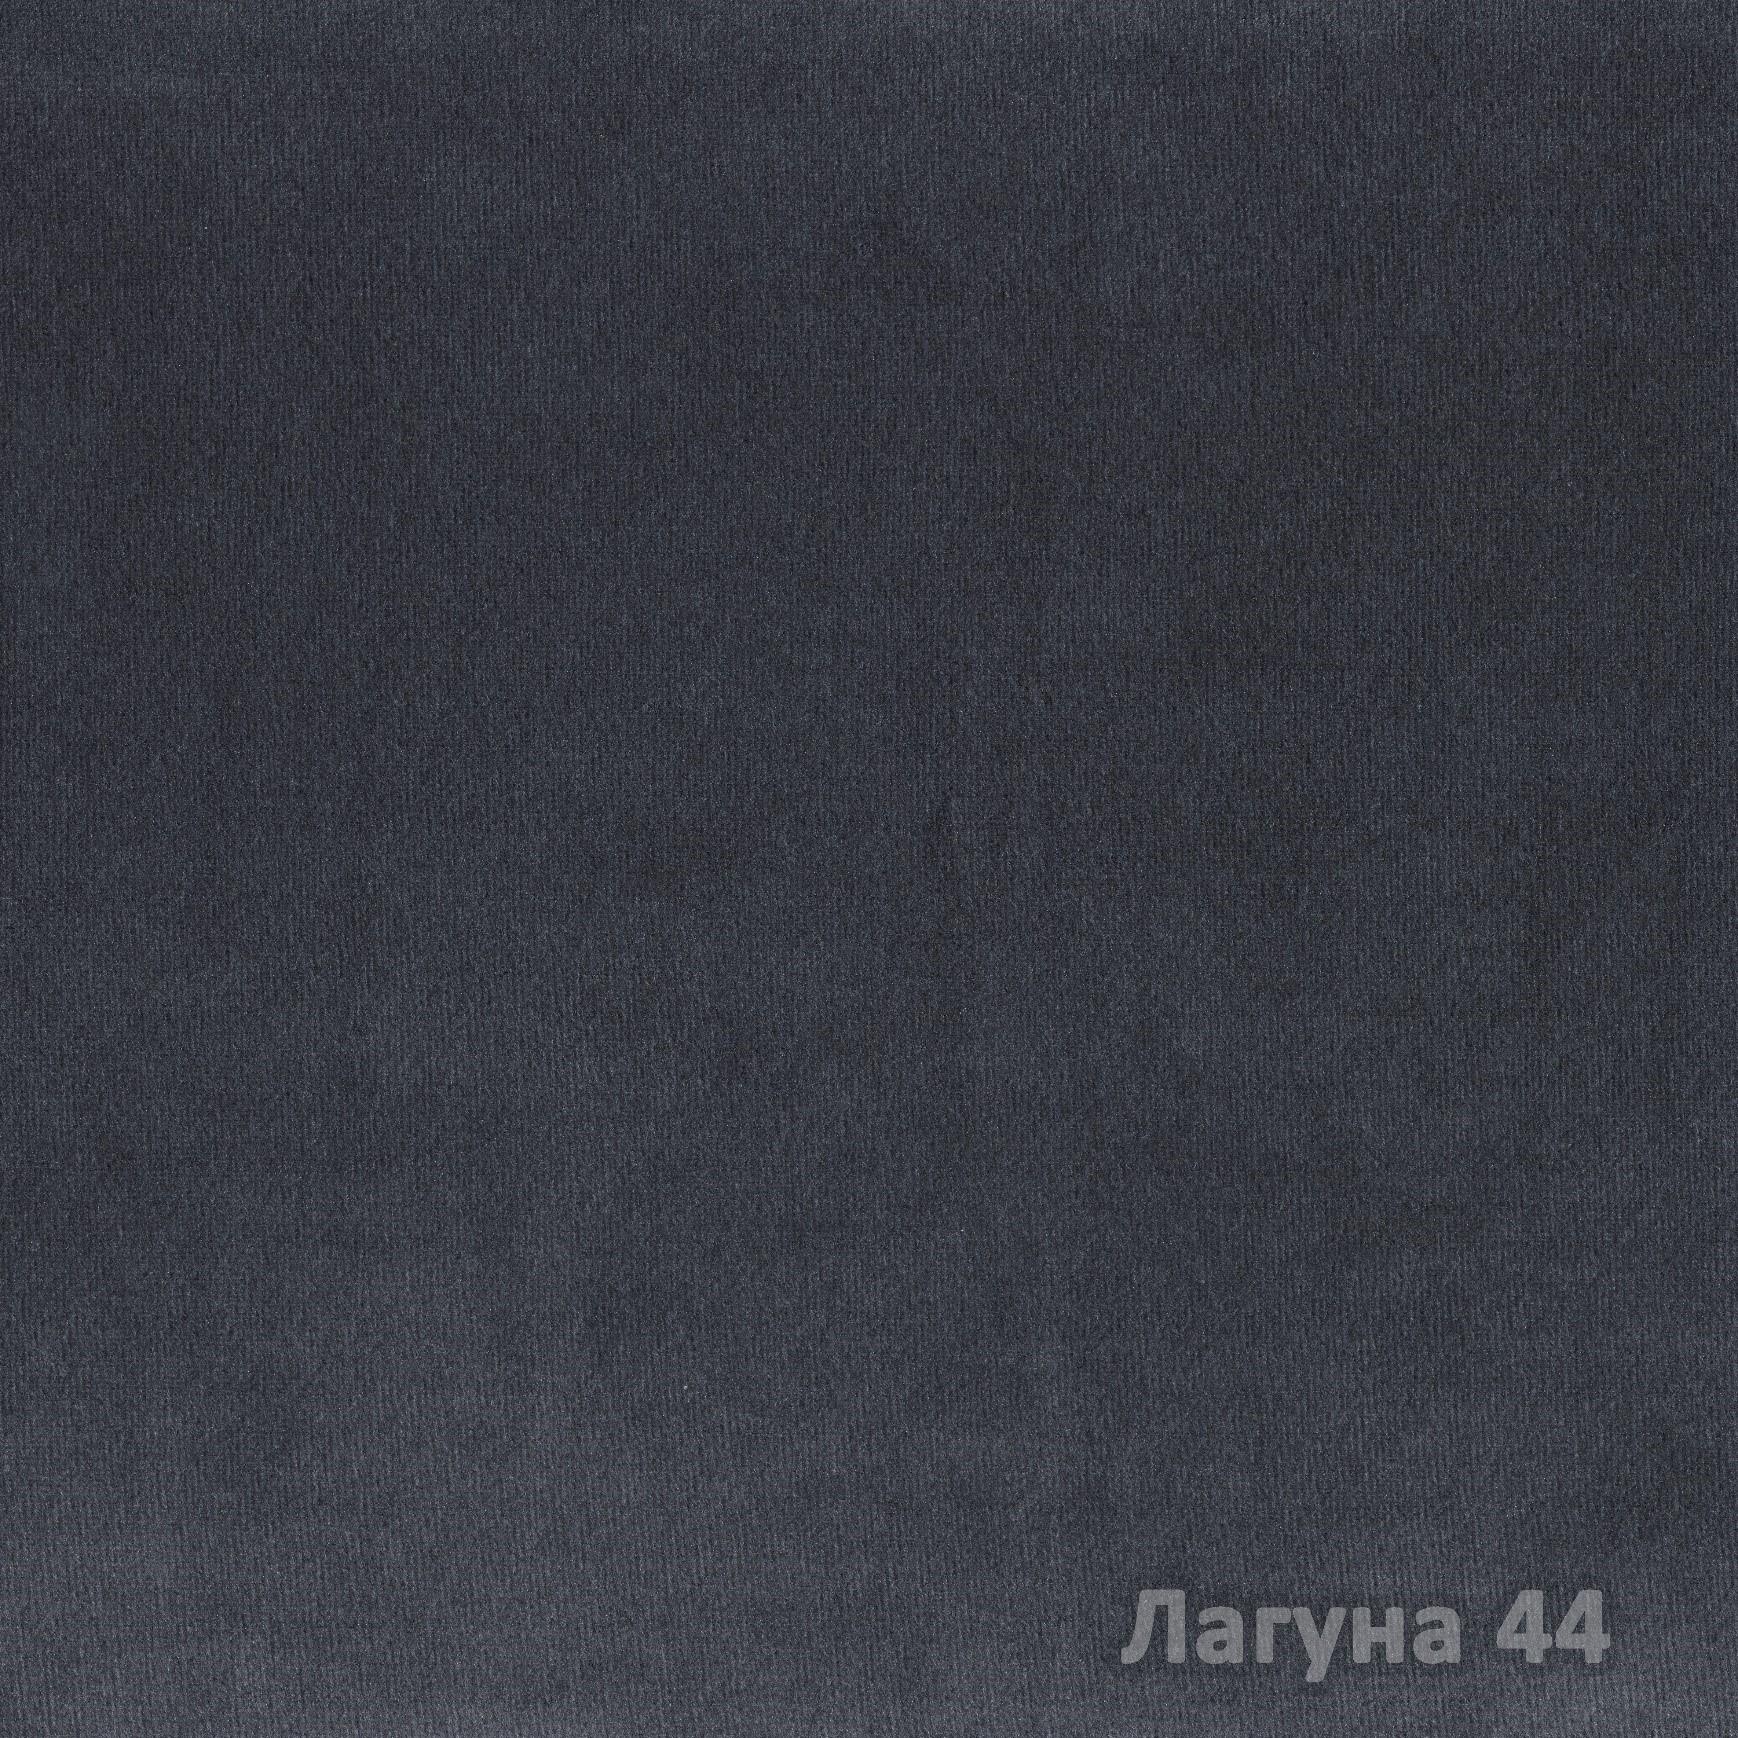 Коллекция ткани Лагуна 44,  купить ткань Велюр для мебели Украина